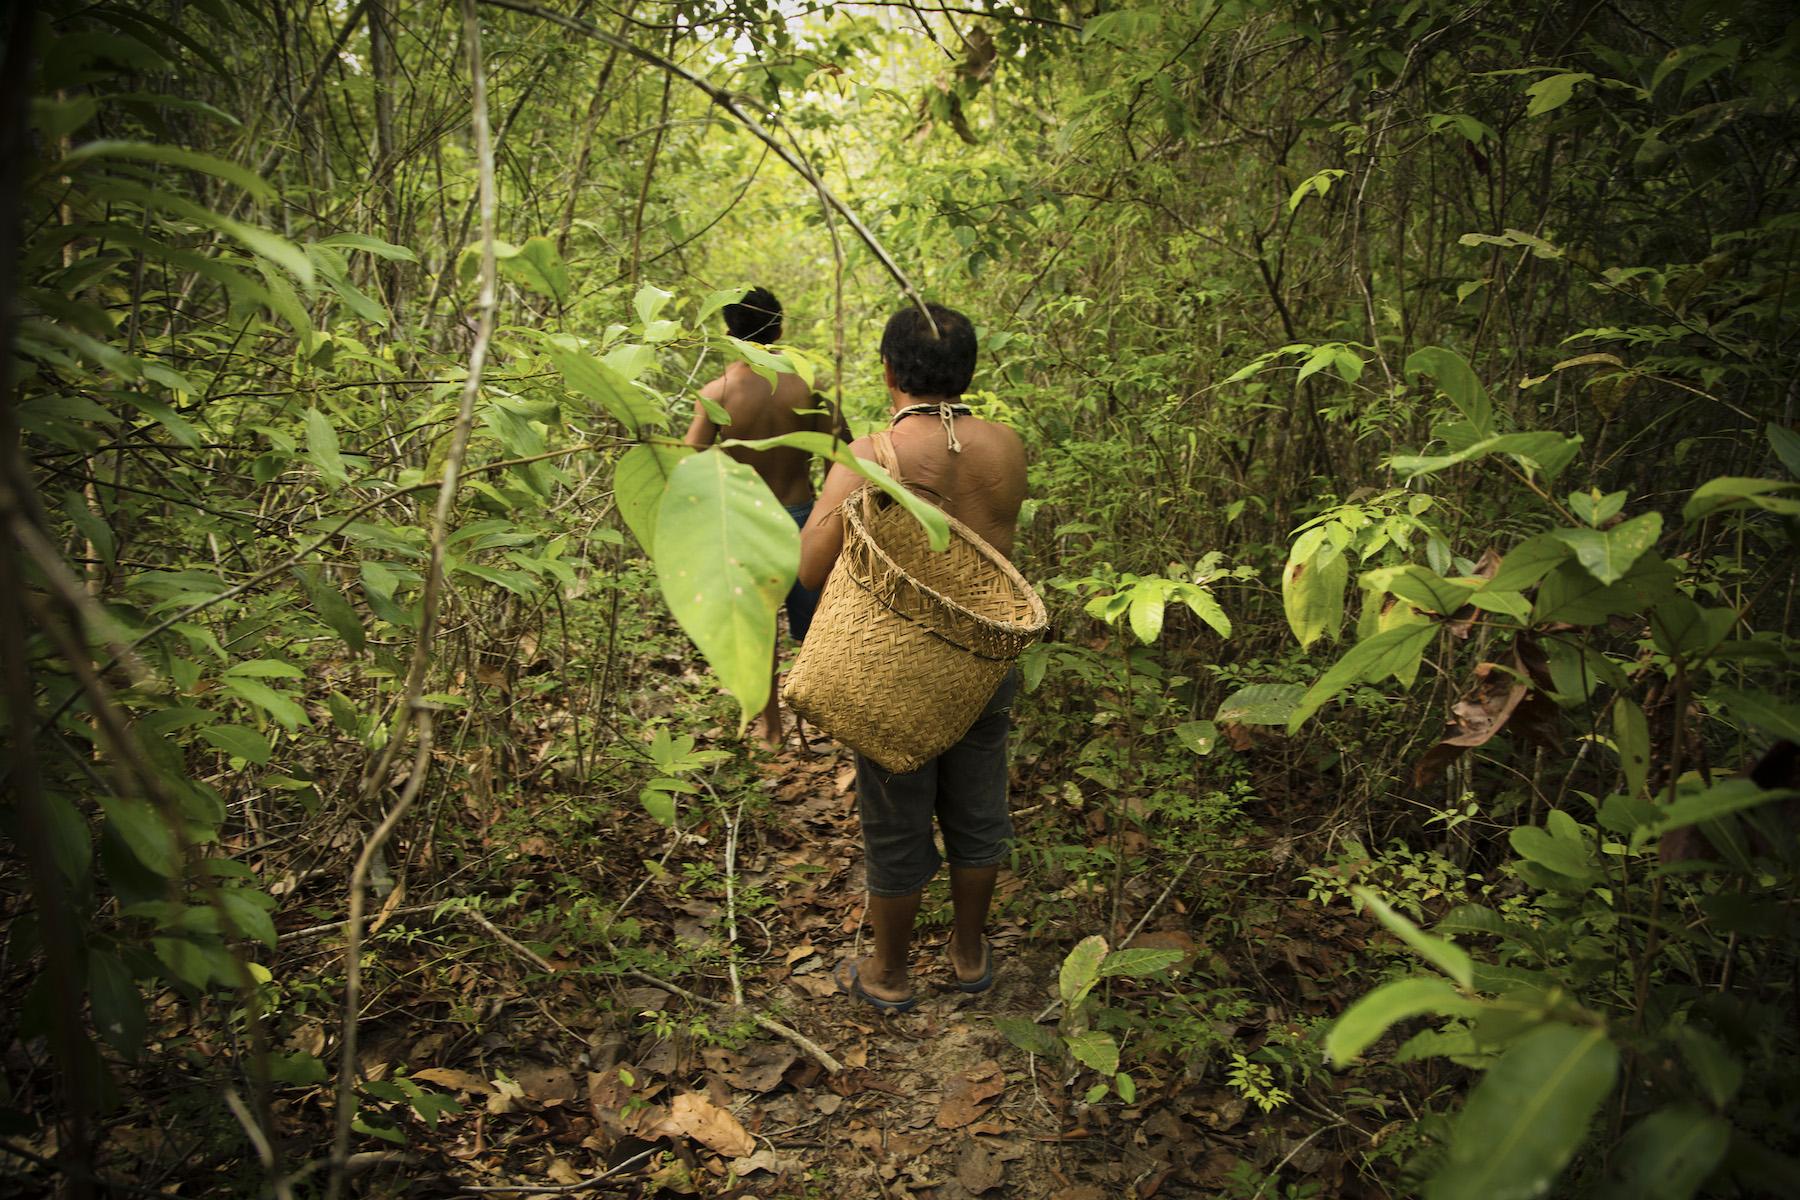 80 por ciento de la biodiversidad del planeta esta resguardada por pueblos indigenas